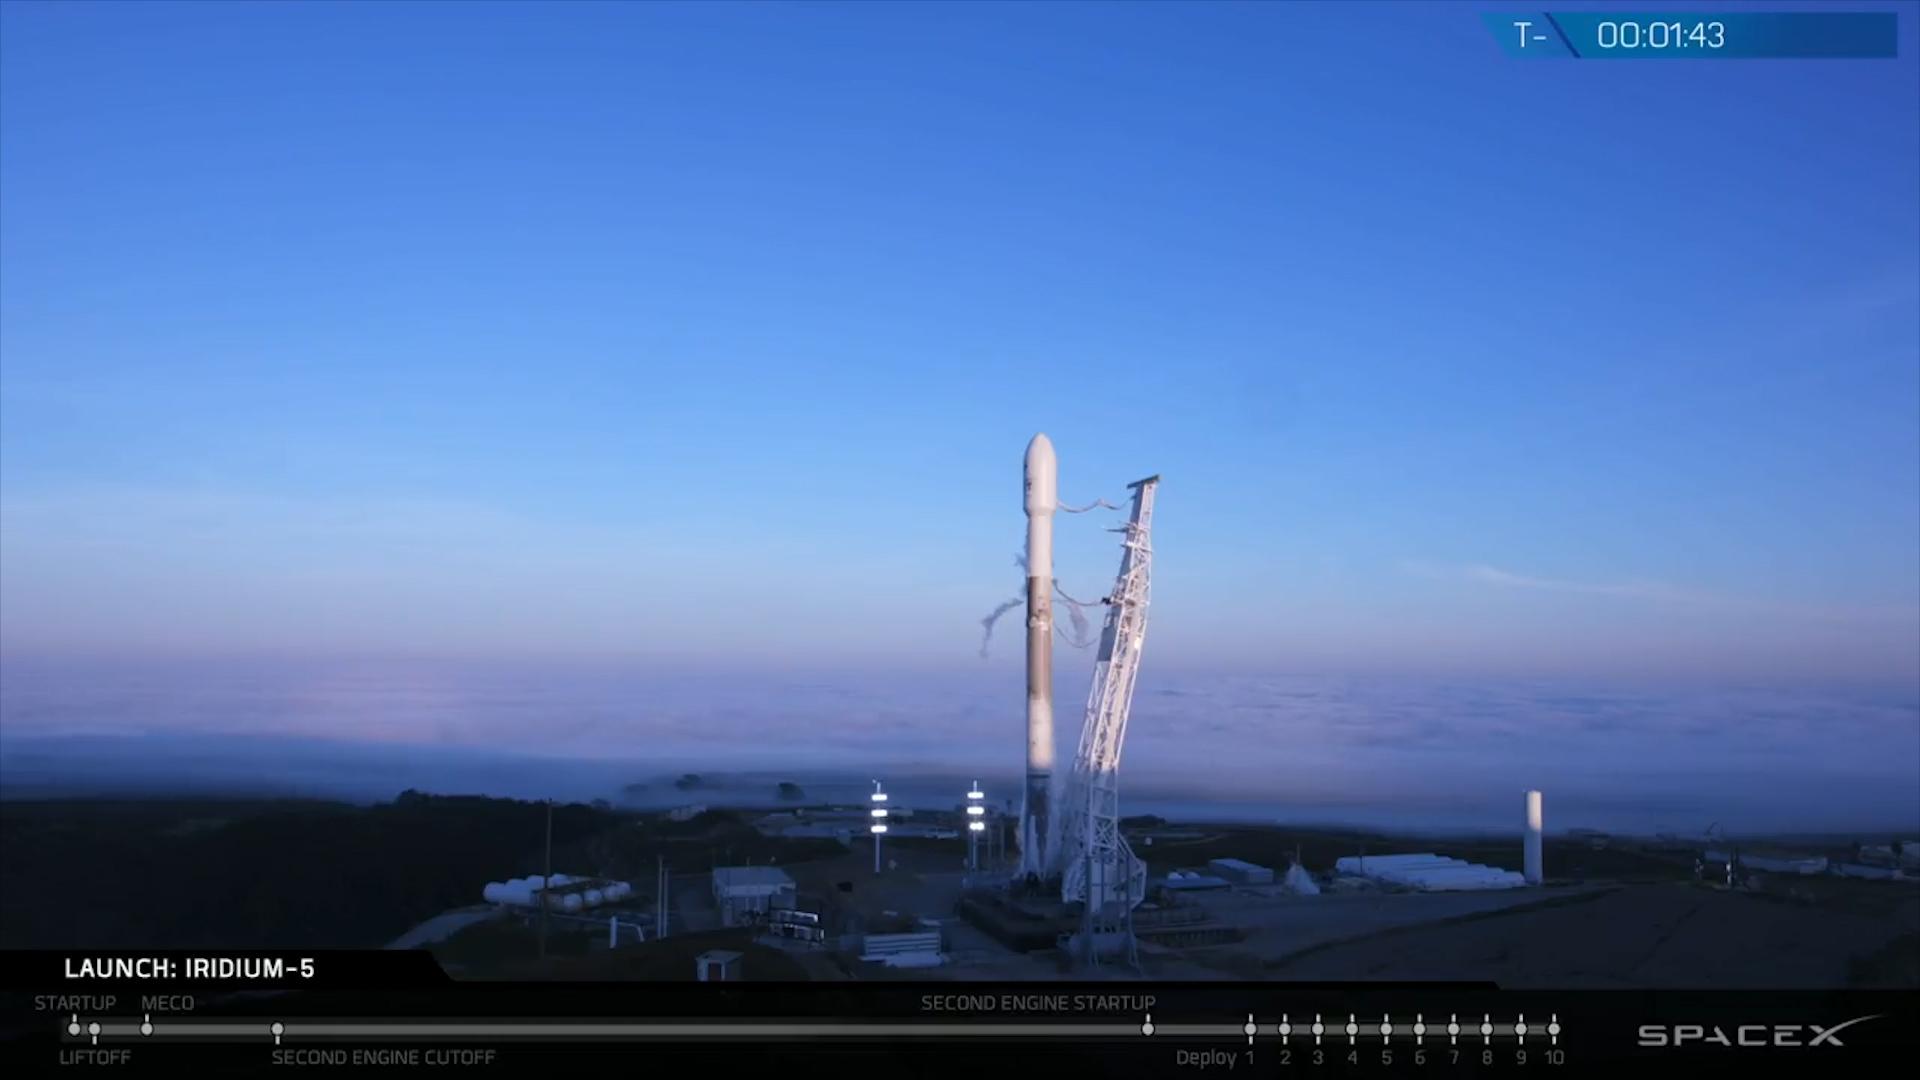 Cada vez hay más lanzamientos espaciales, de gobiernos y de compañías privadas